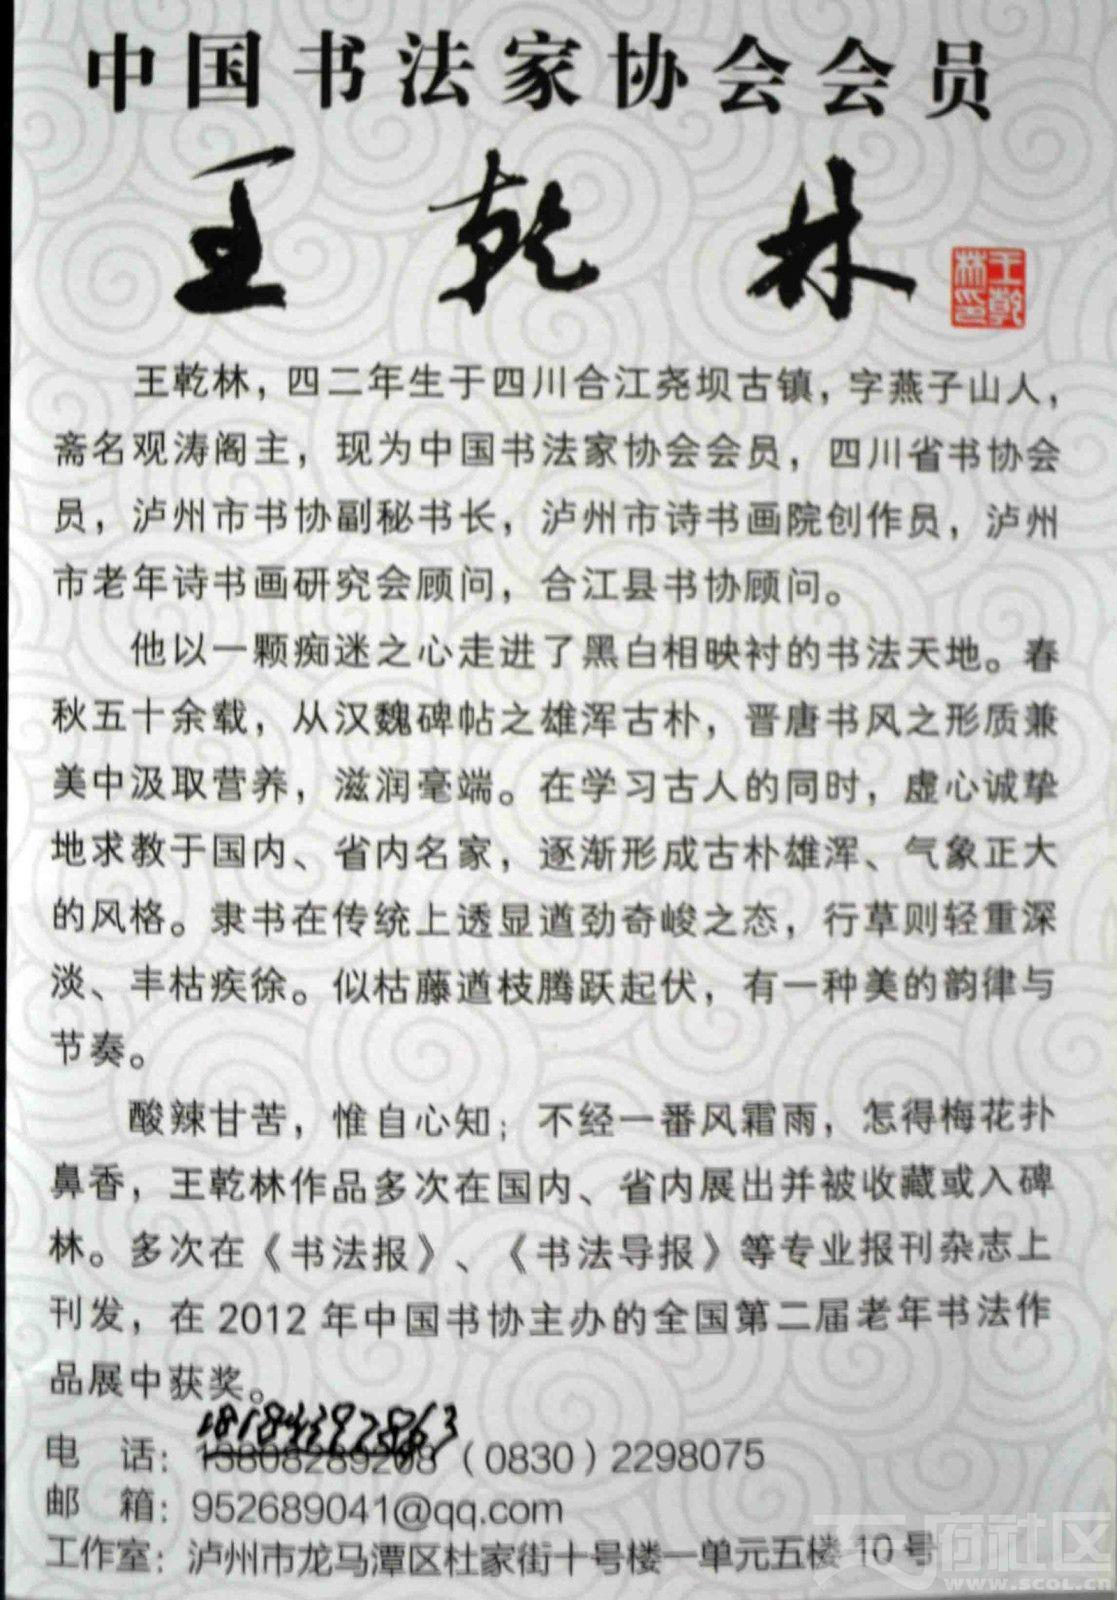 图1、   王乾林 介绍.jpg